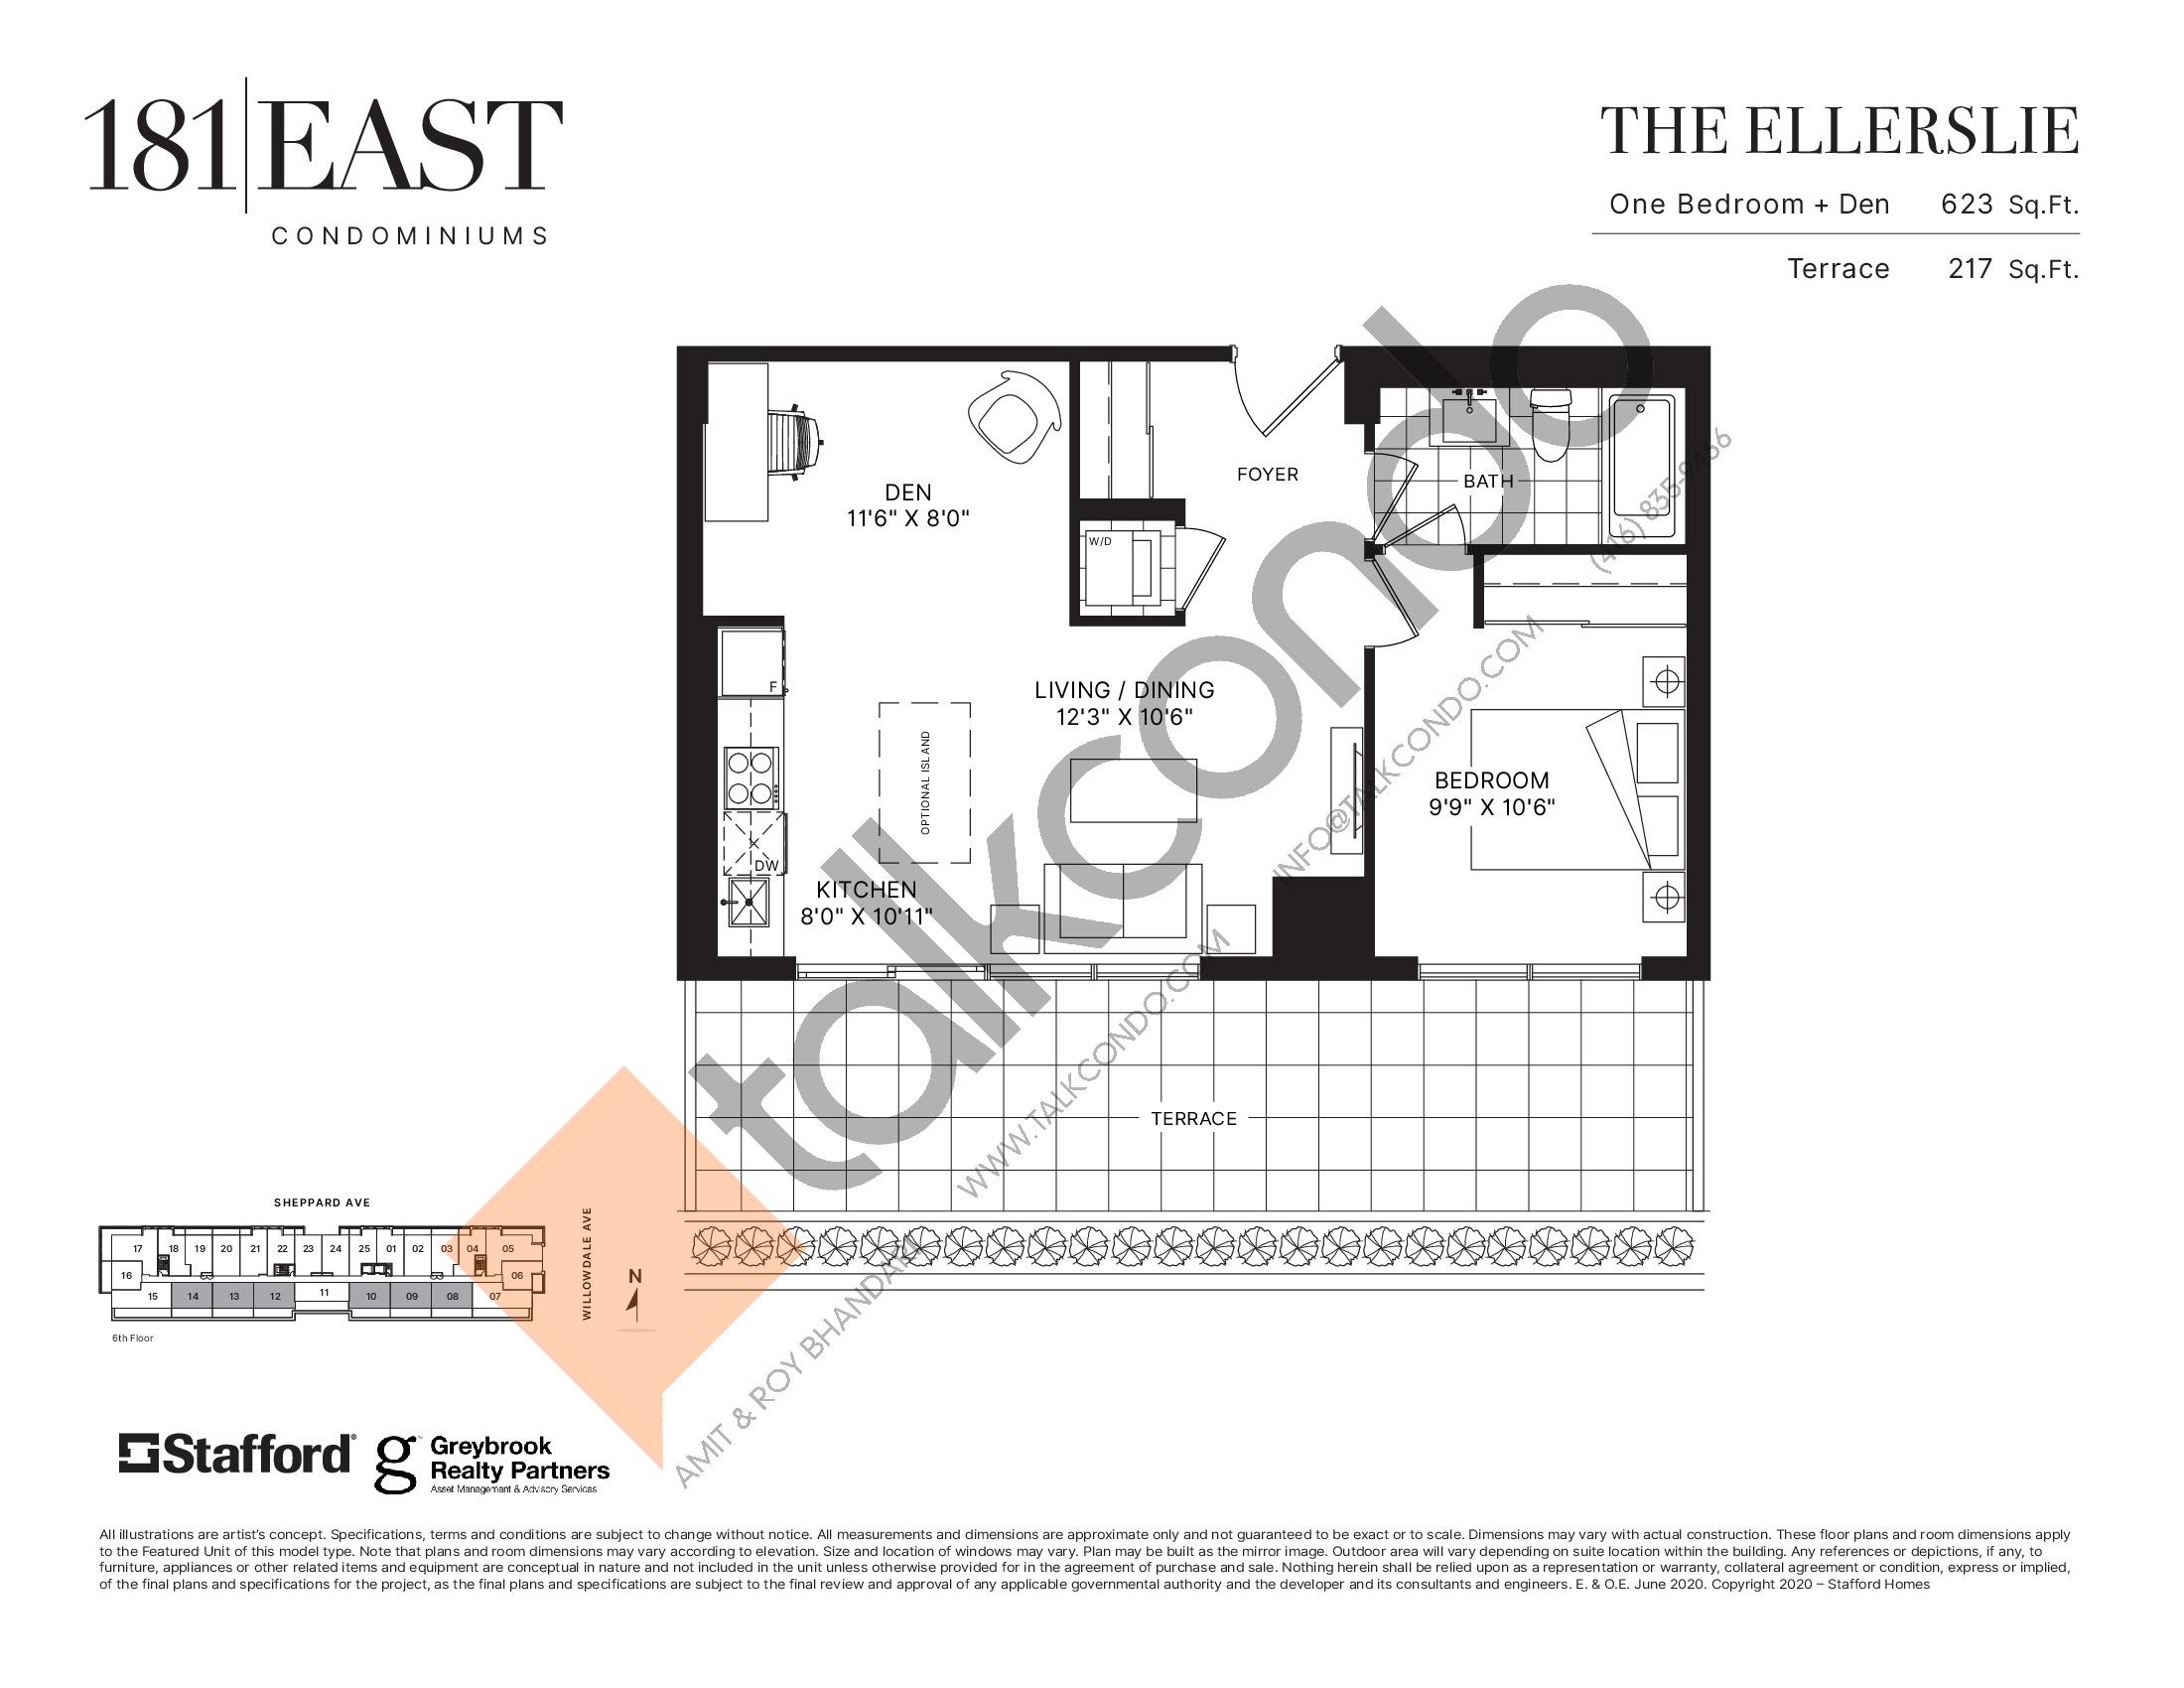 The Ellerslie Floor Plan at 181 East Condos - 623 sq.ft